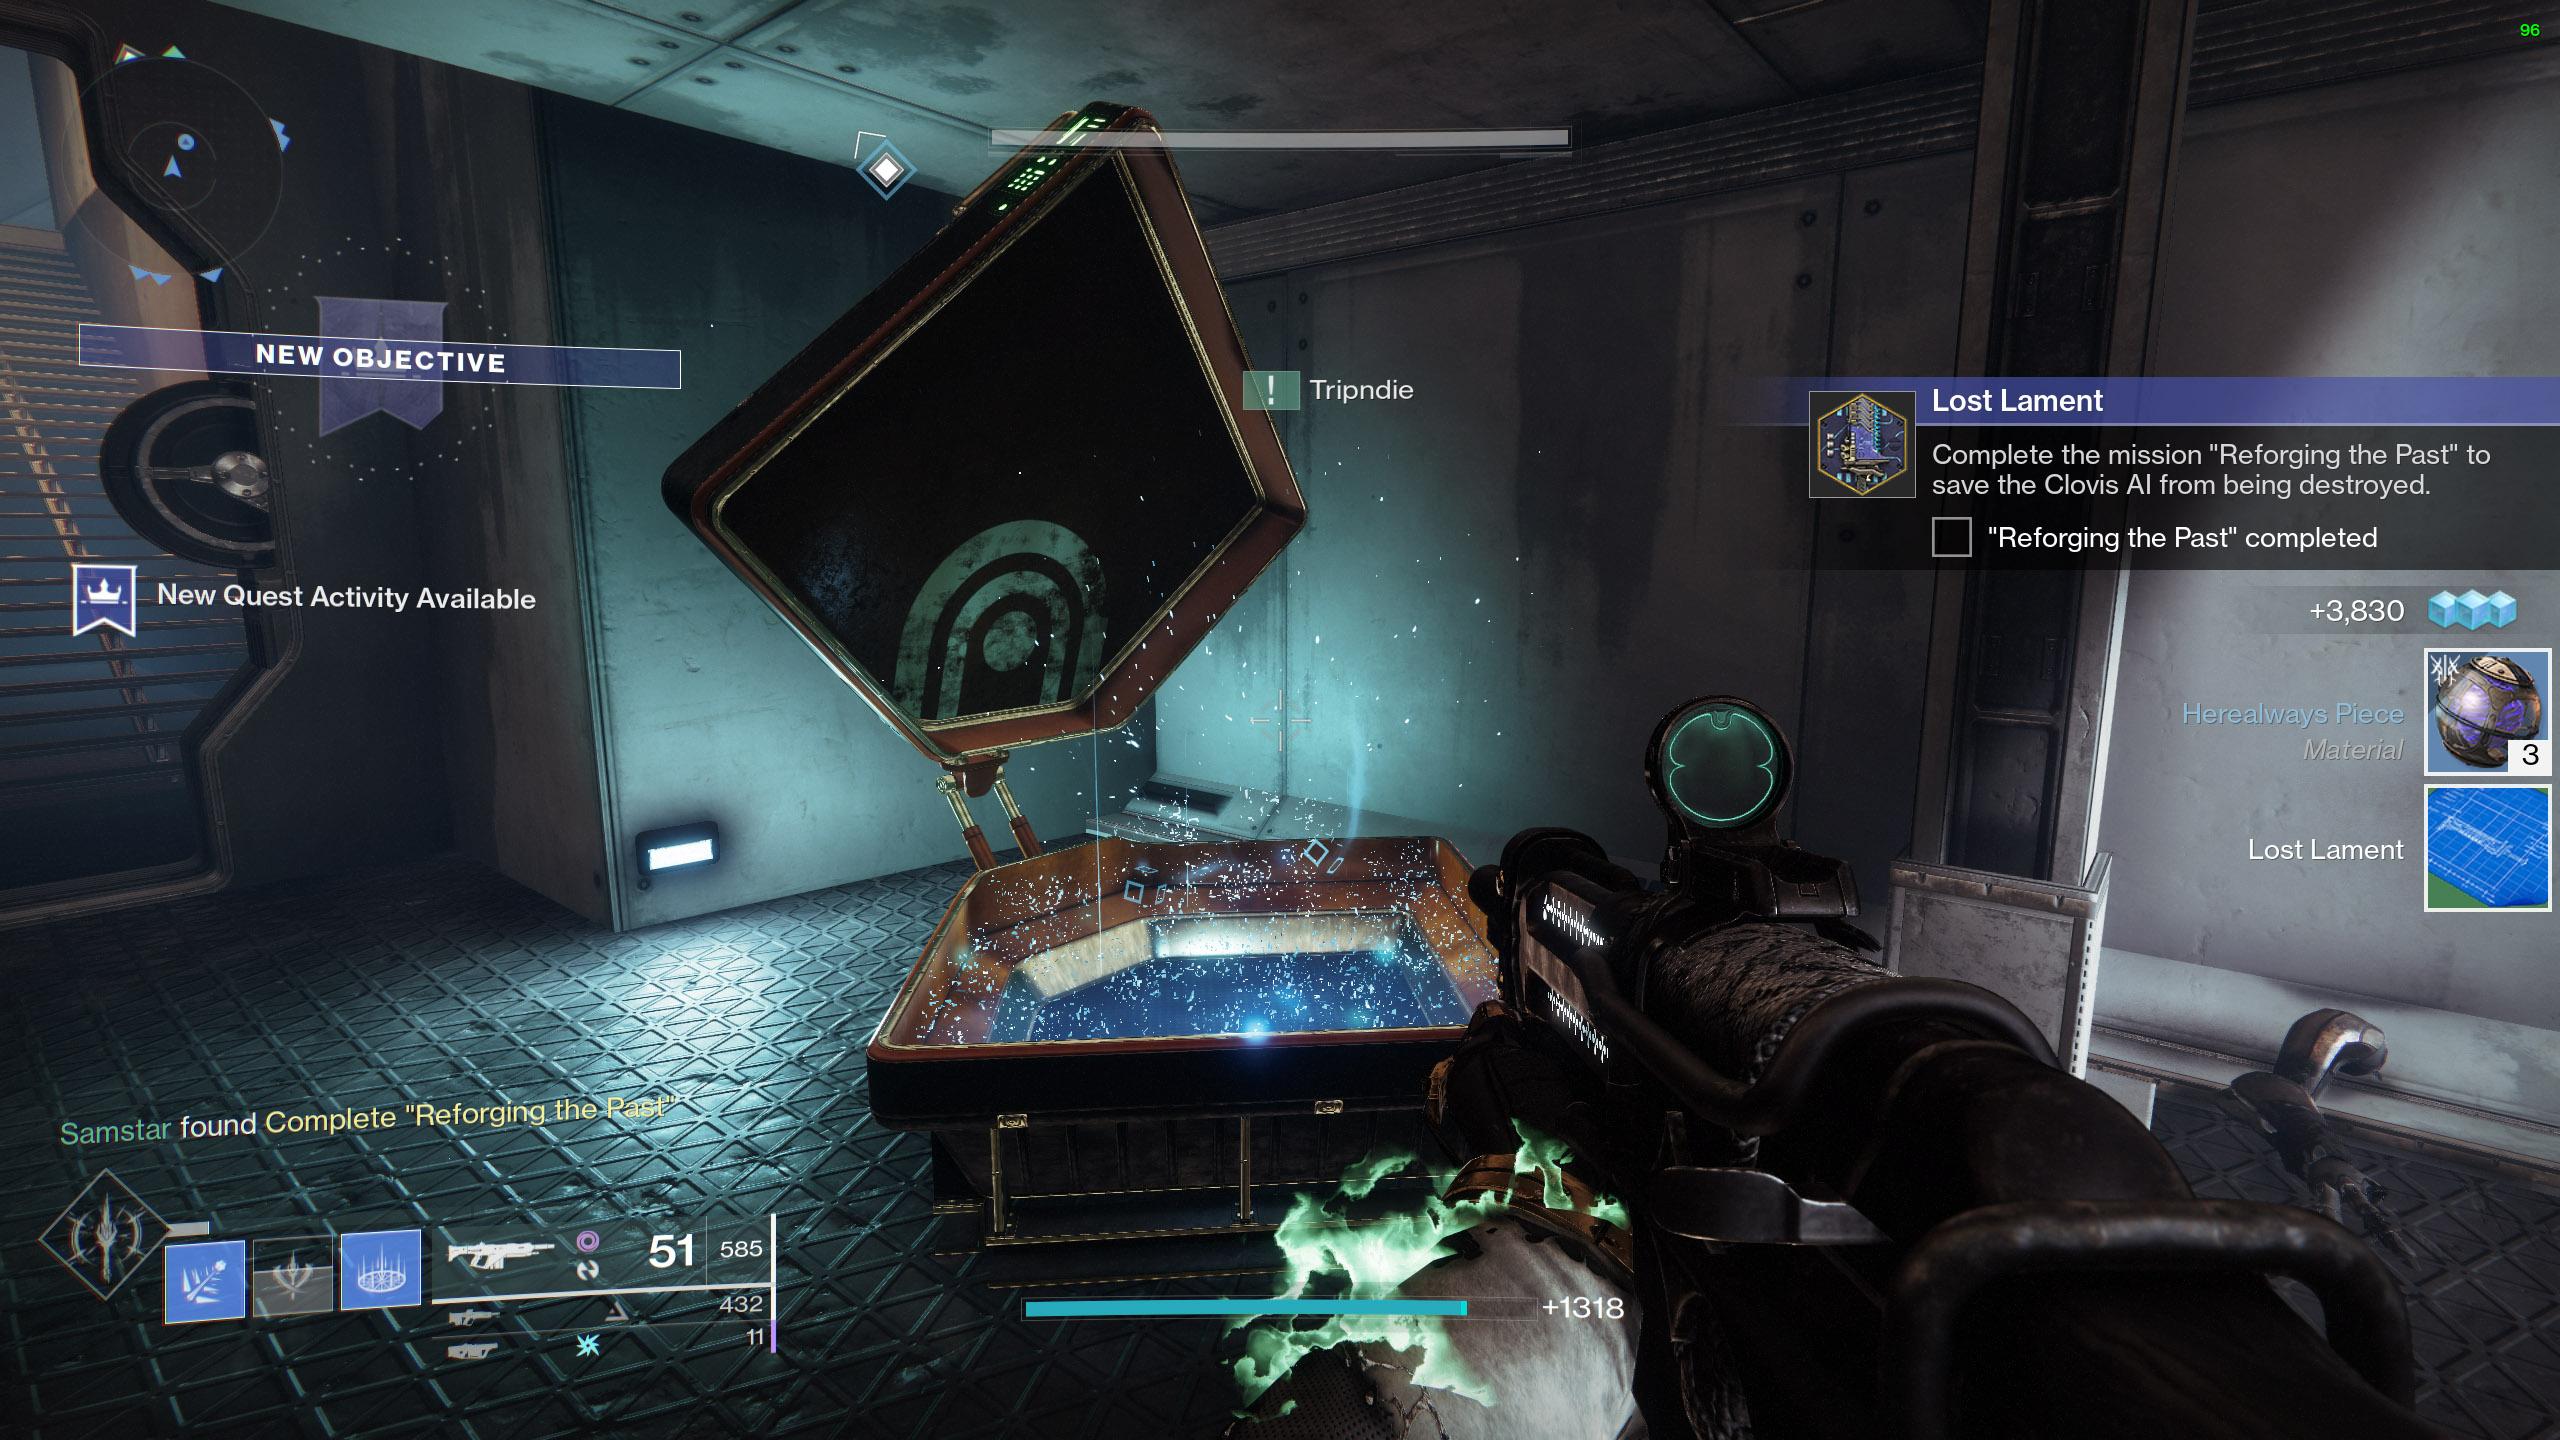 destiny 2 lost lament hidden bunker